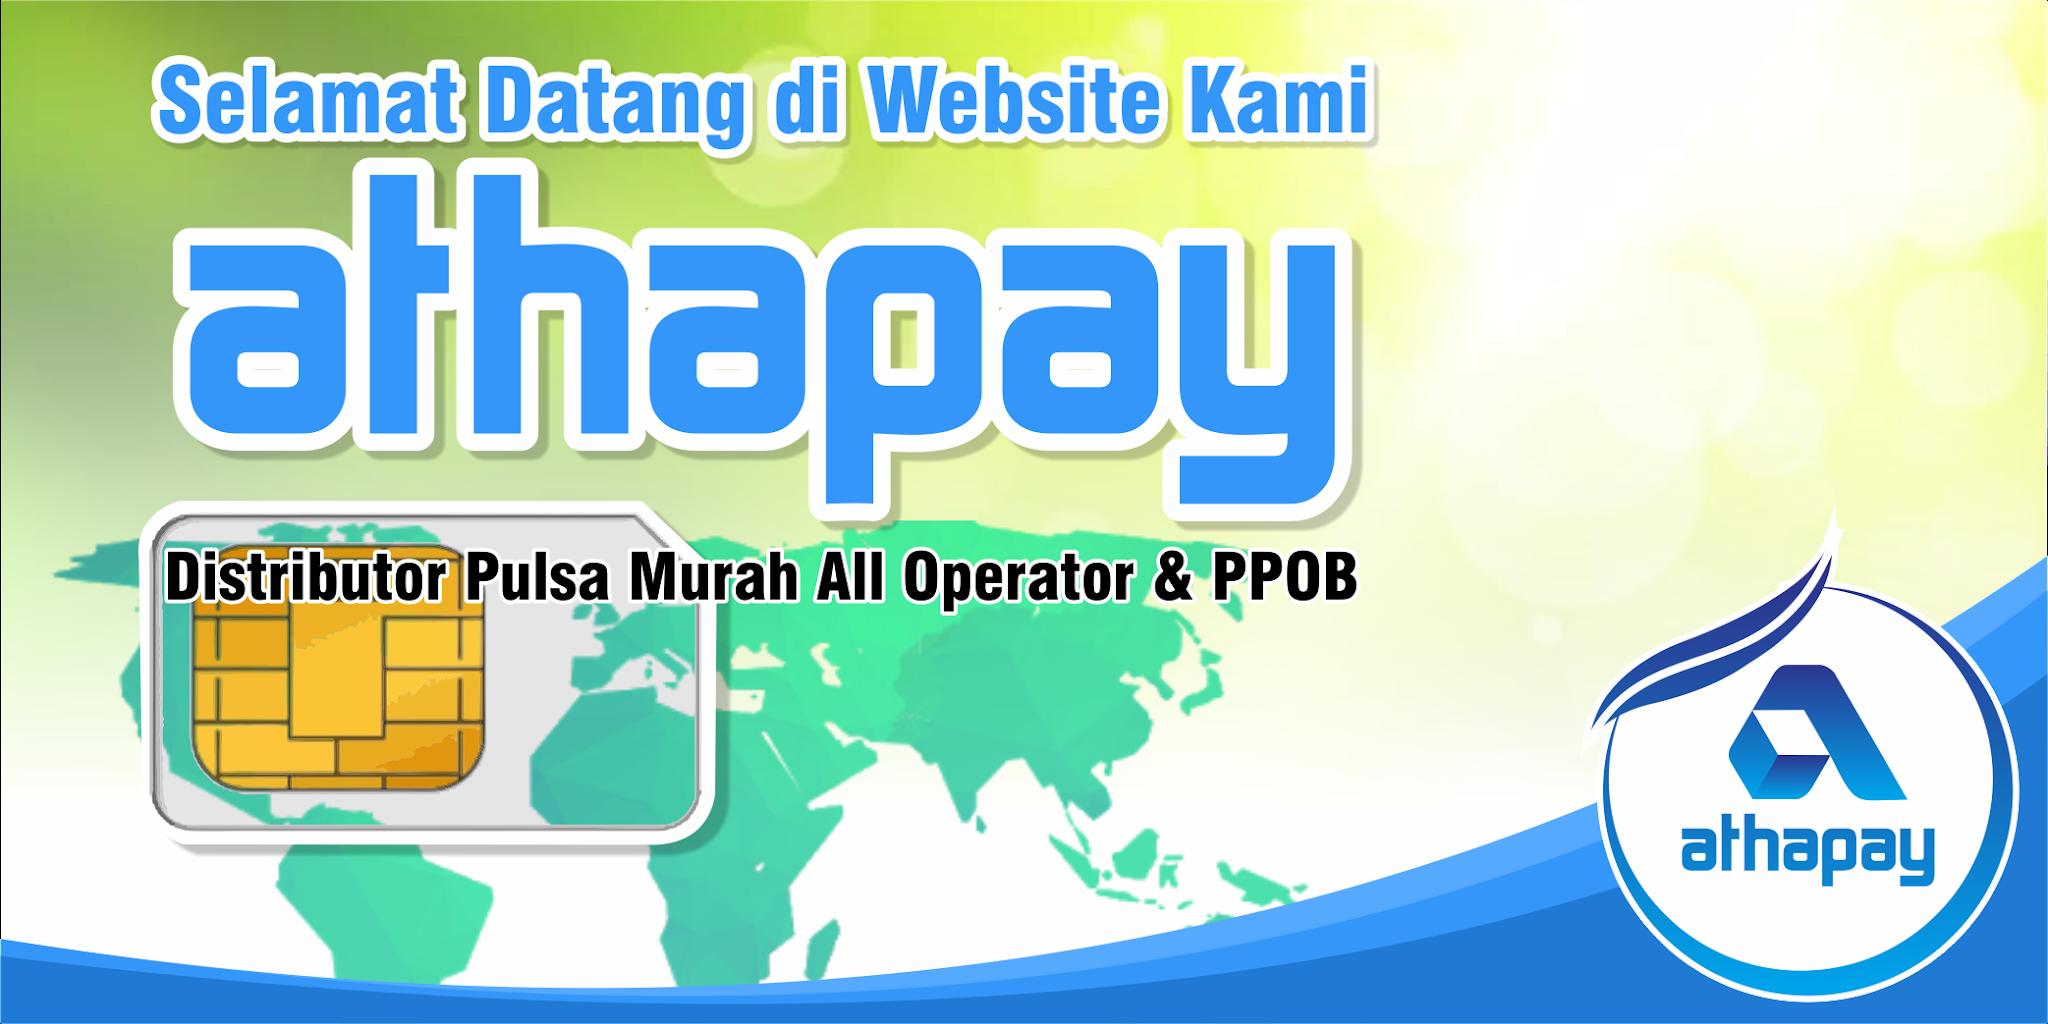 athapay